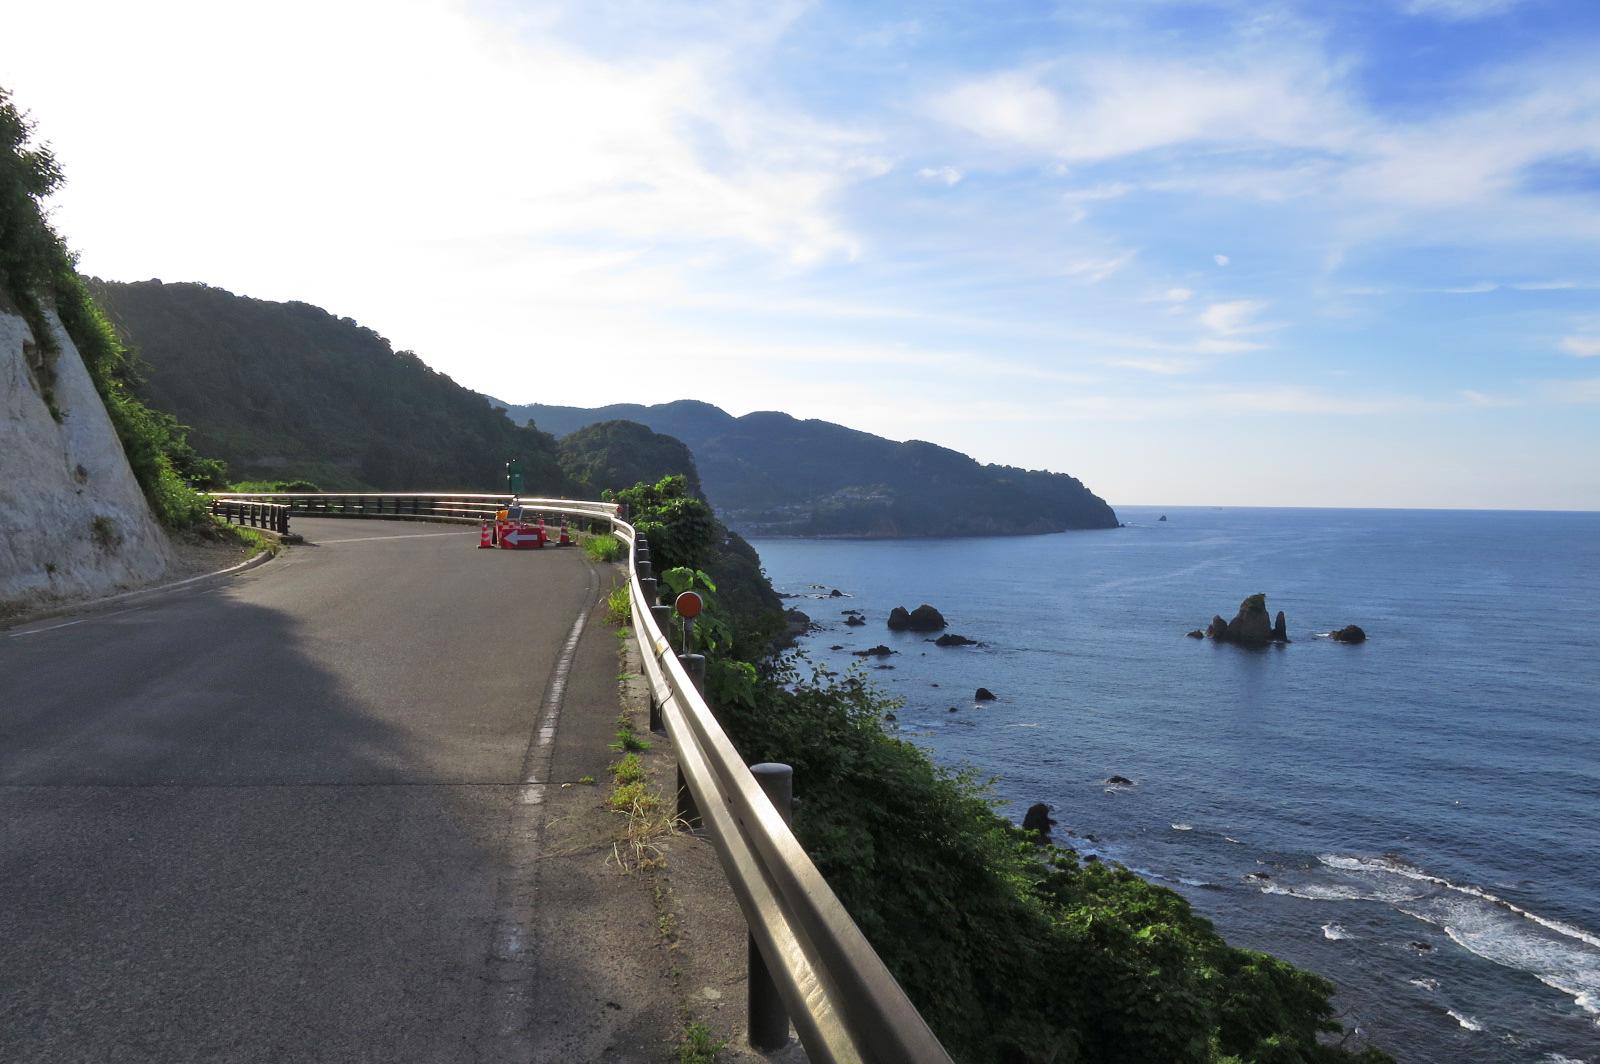 伊根町から車で40分の所にある「宇川温泉 よし野の里」に向かう途中ですが、景色も最高!!